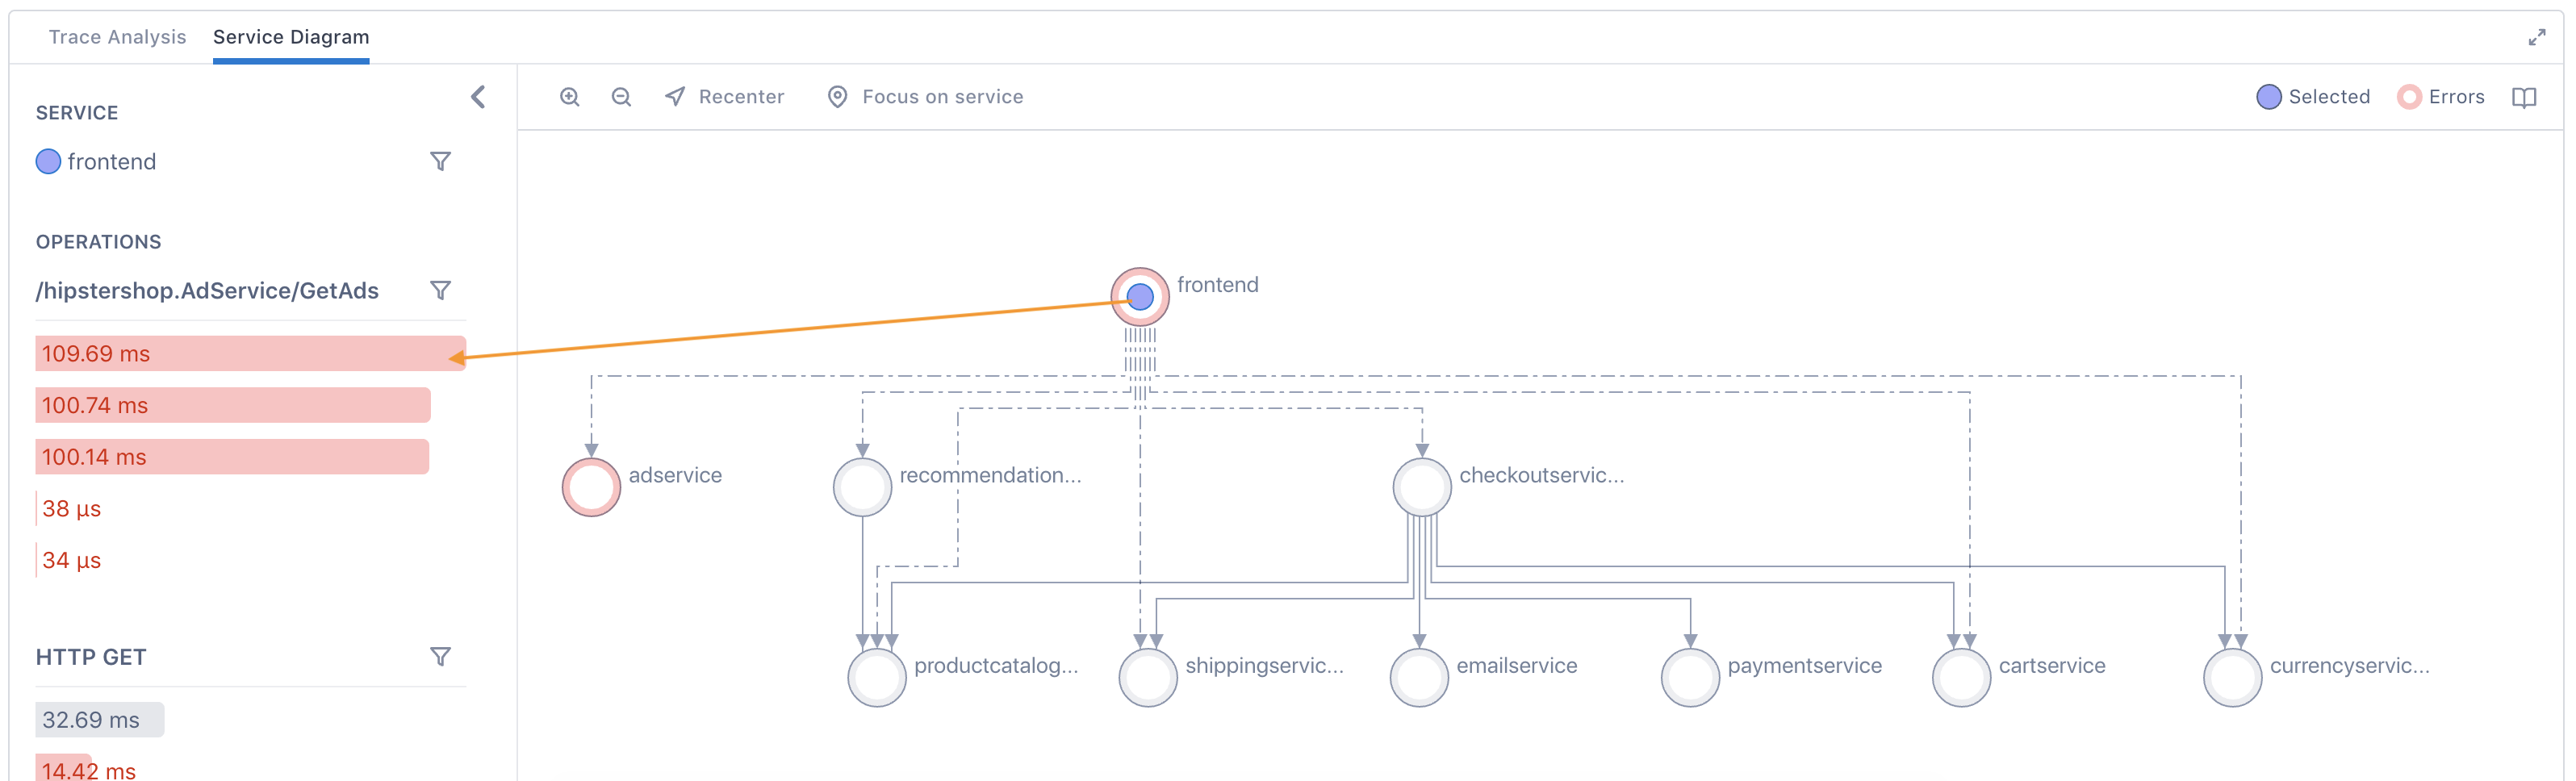 Span data in the Service diagram